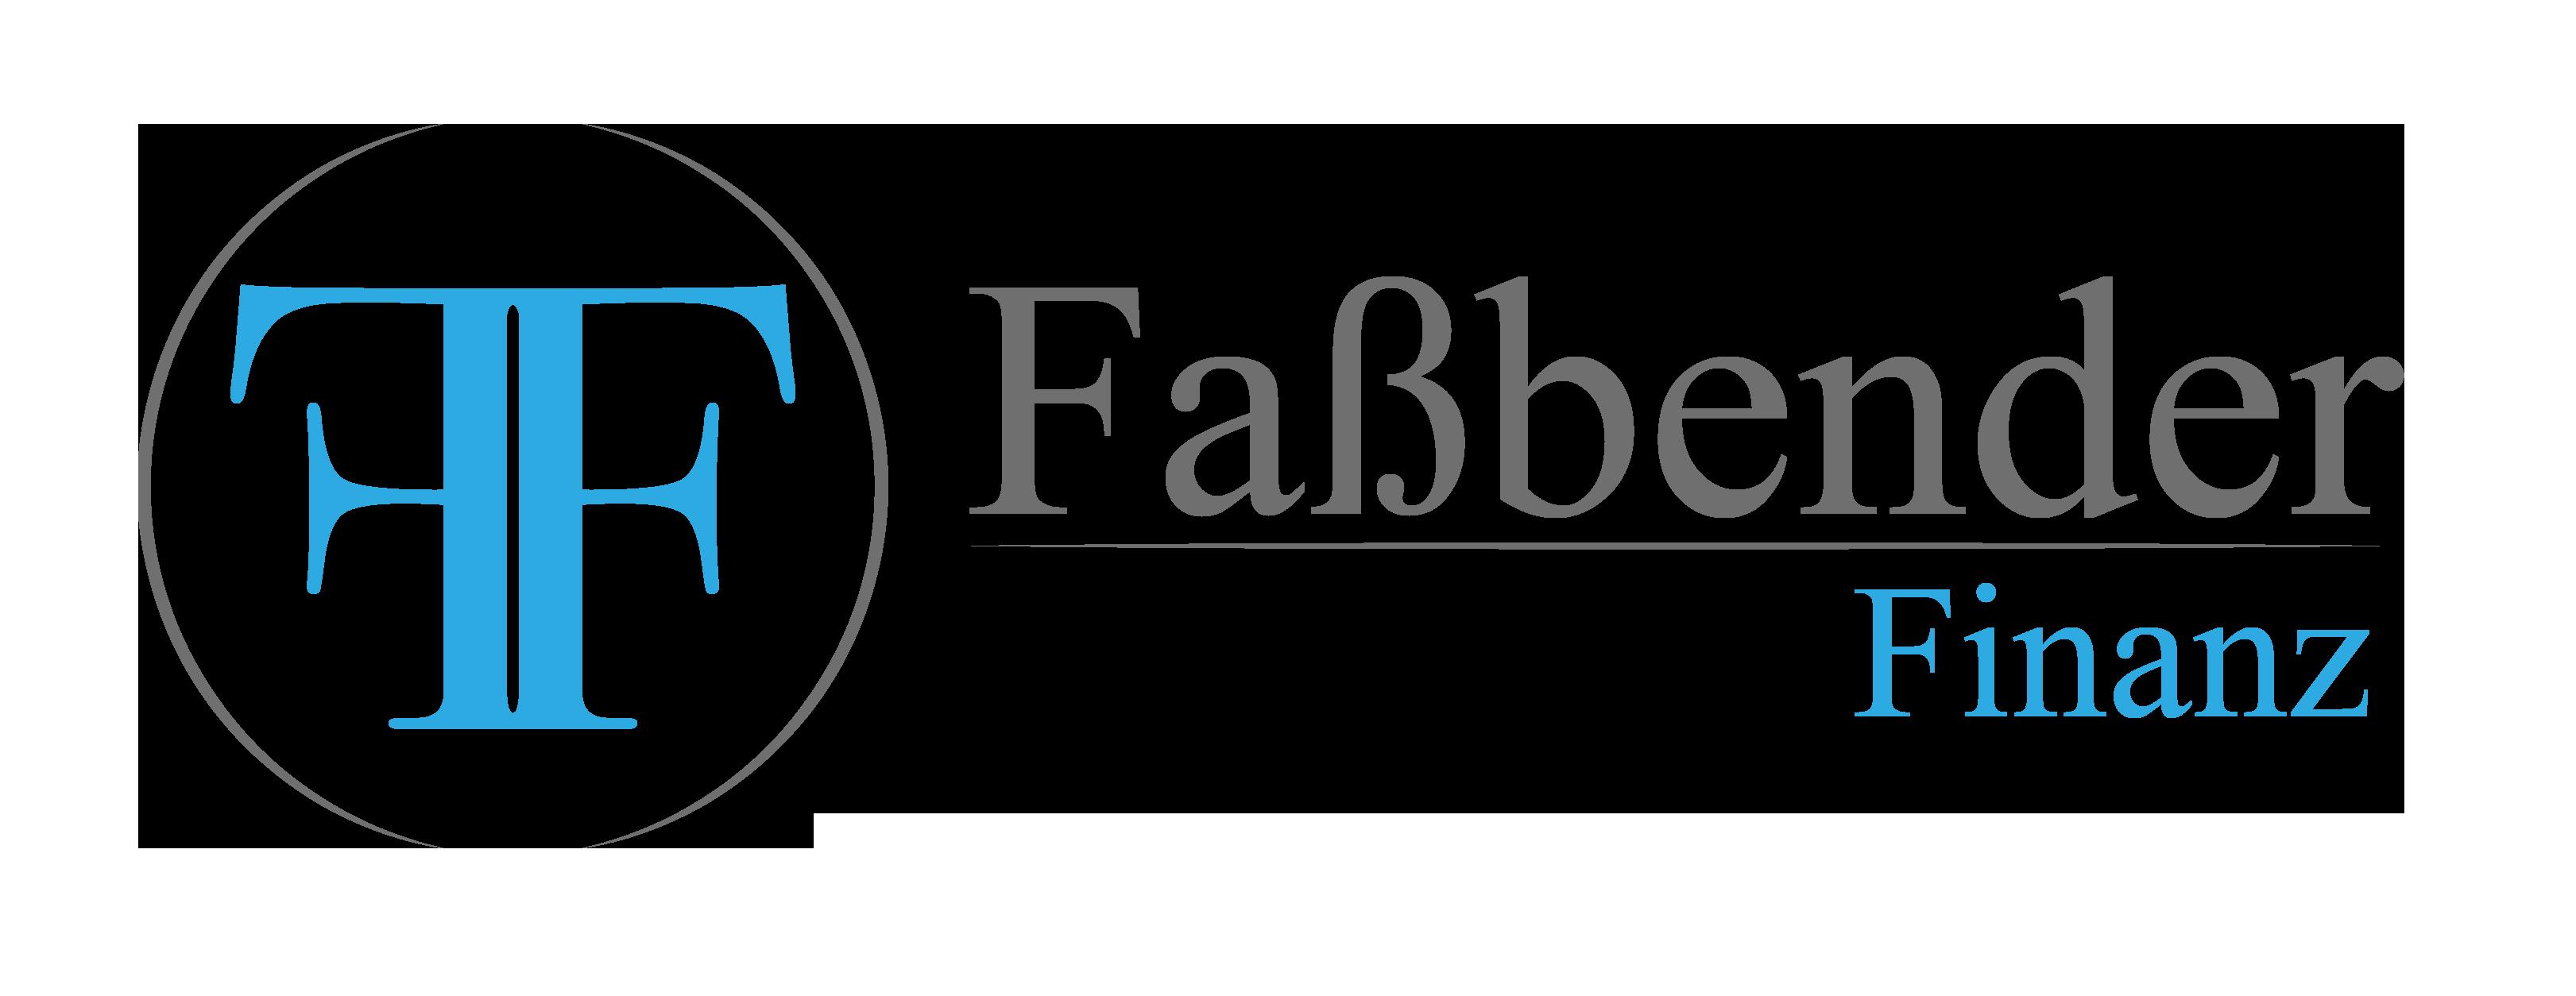 Fassbender-Finanz-Logo